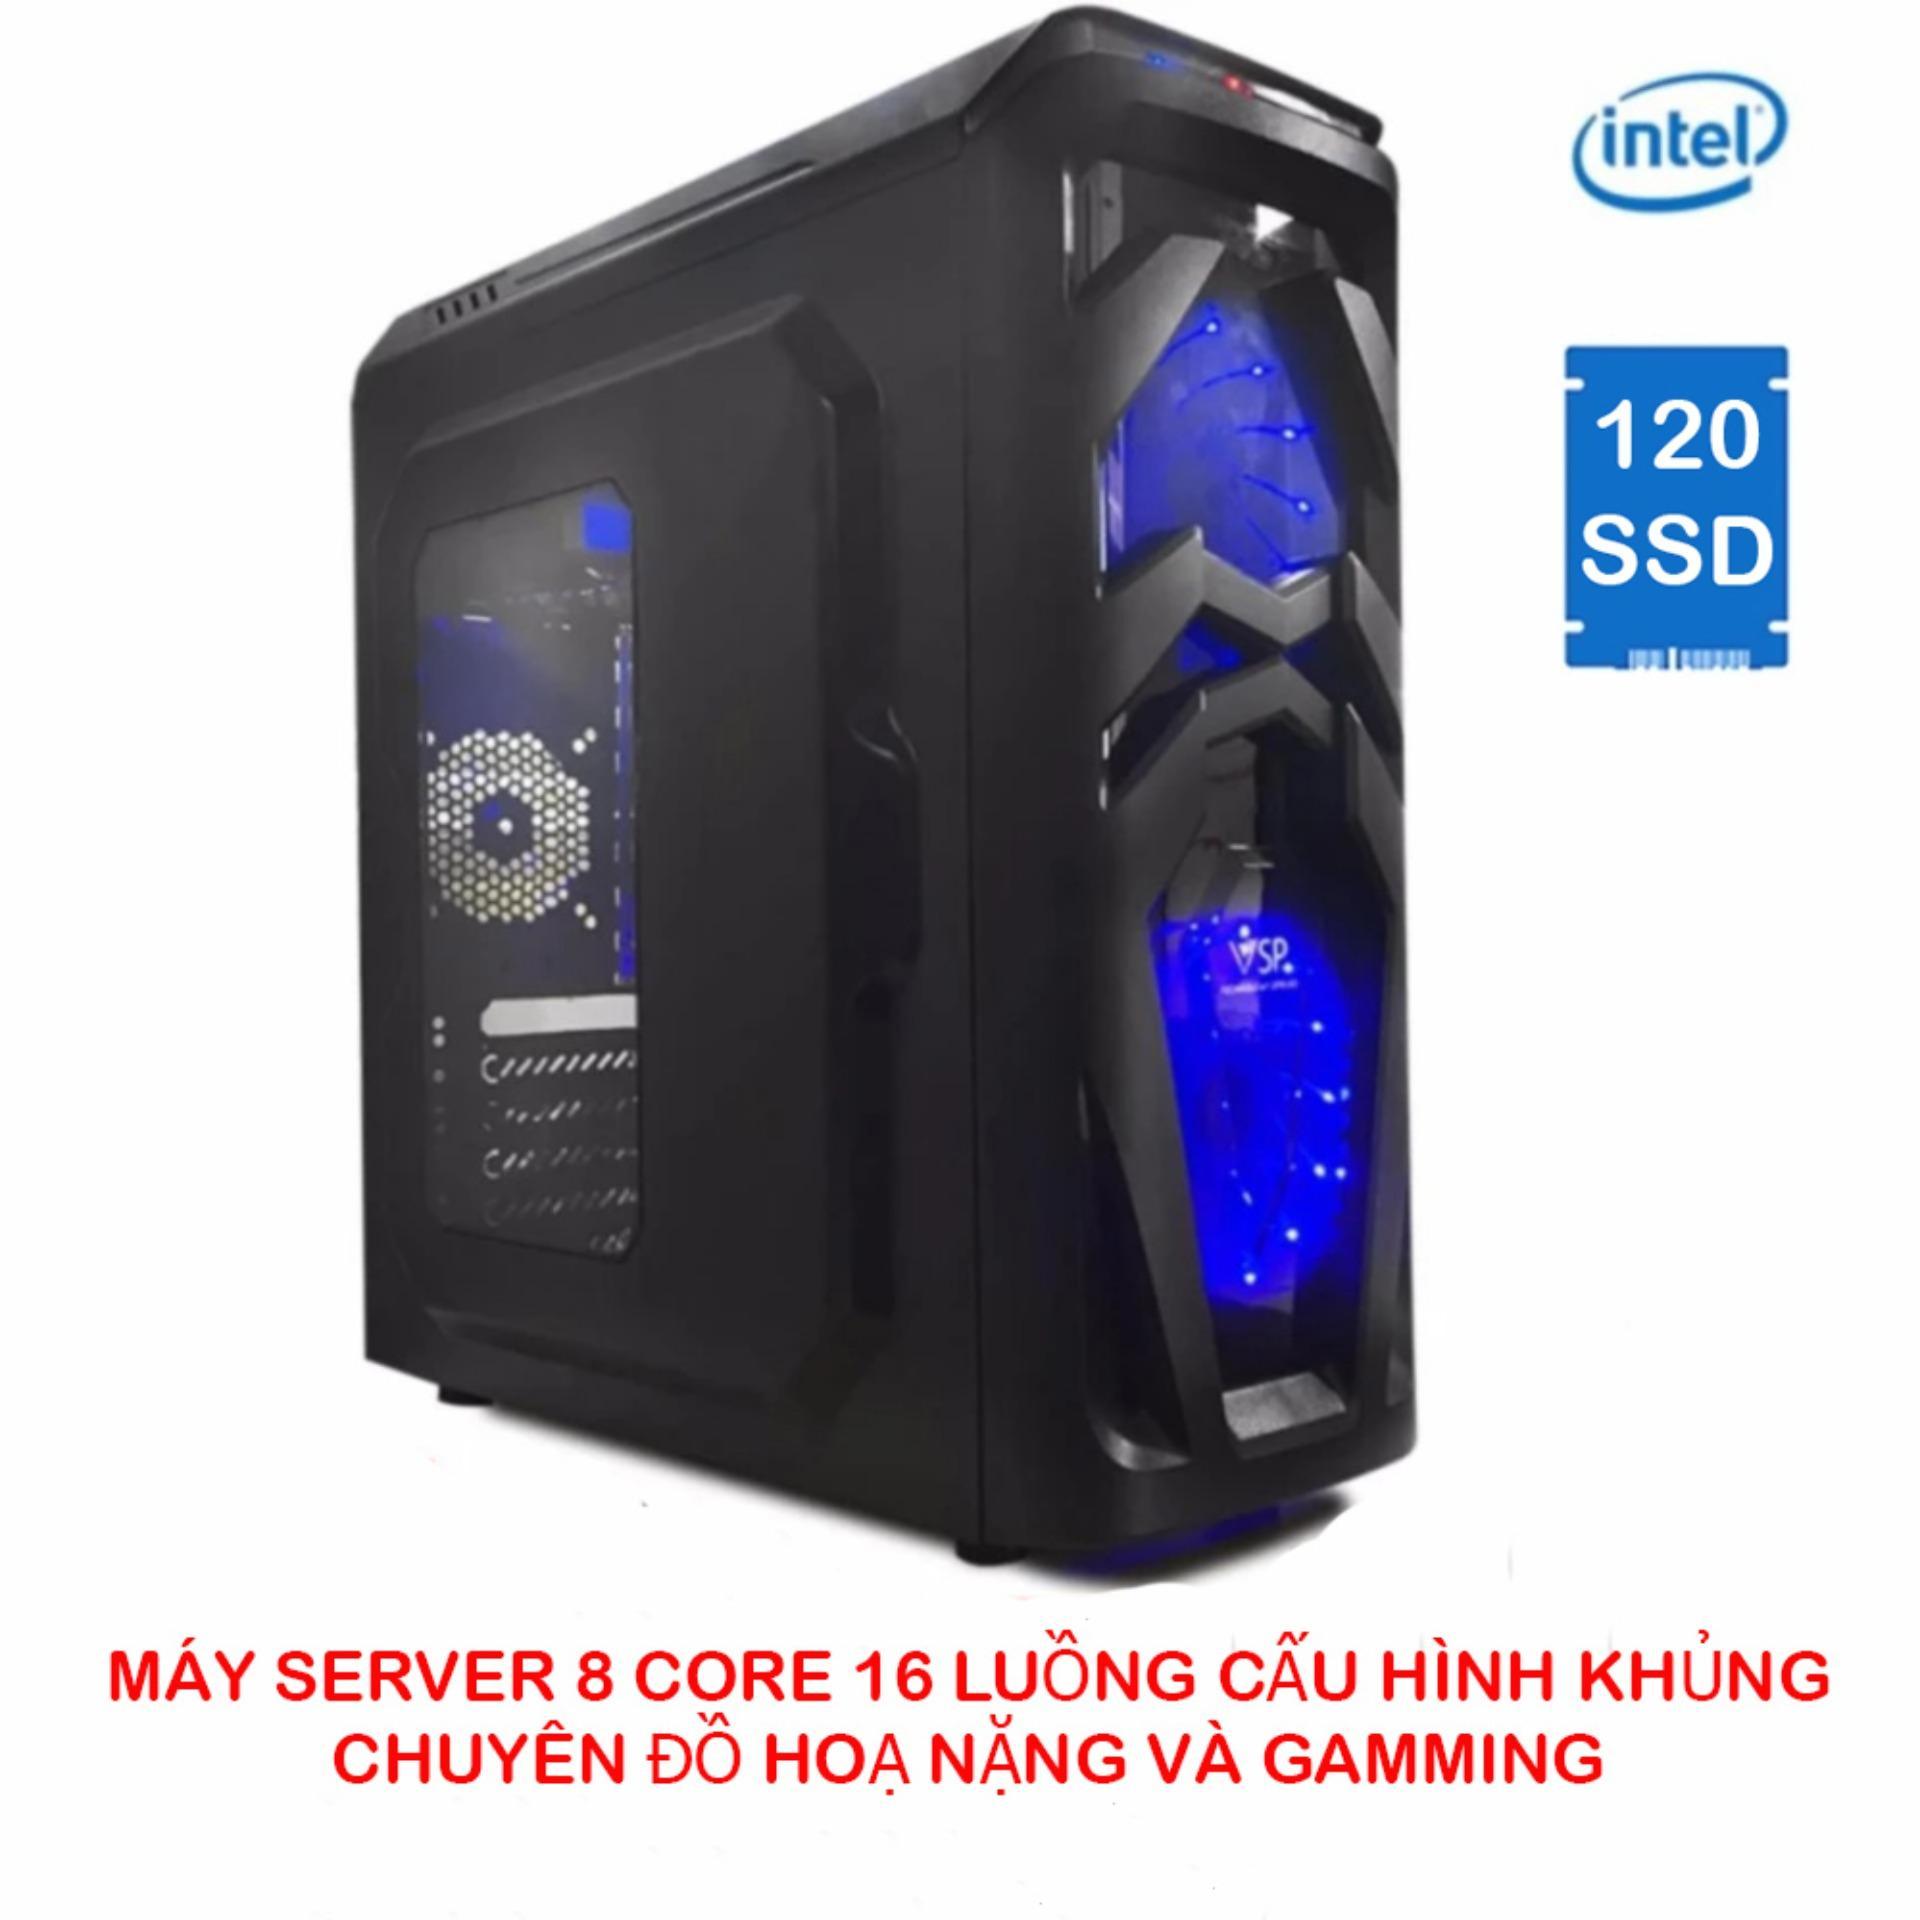 Máy tính chơi game 8 lõi 16 luồng 32Gb ECC DDR3/120Gb SSD SATA3 (6Gbps) chuyên đồ hoạ (cấu hình 13)